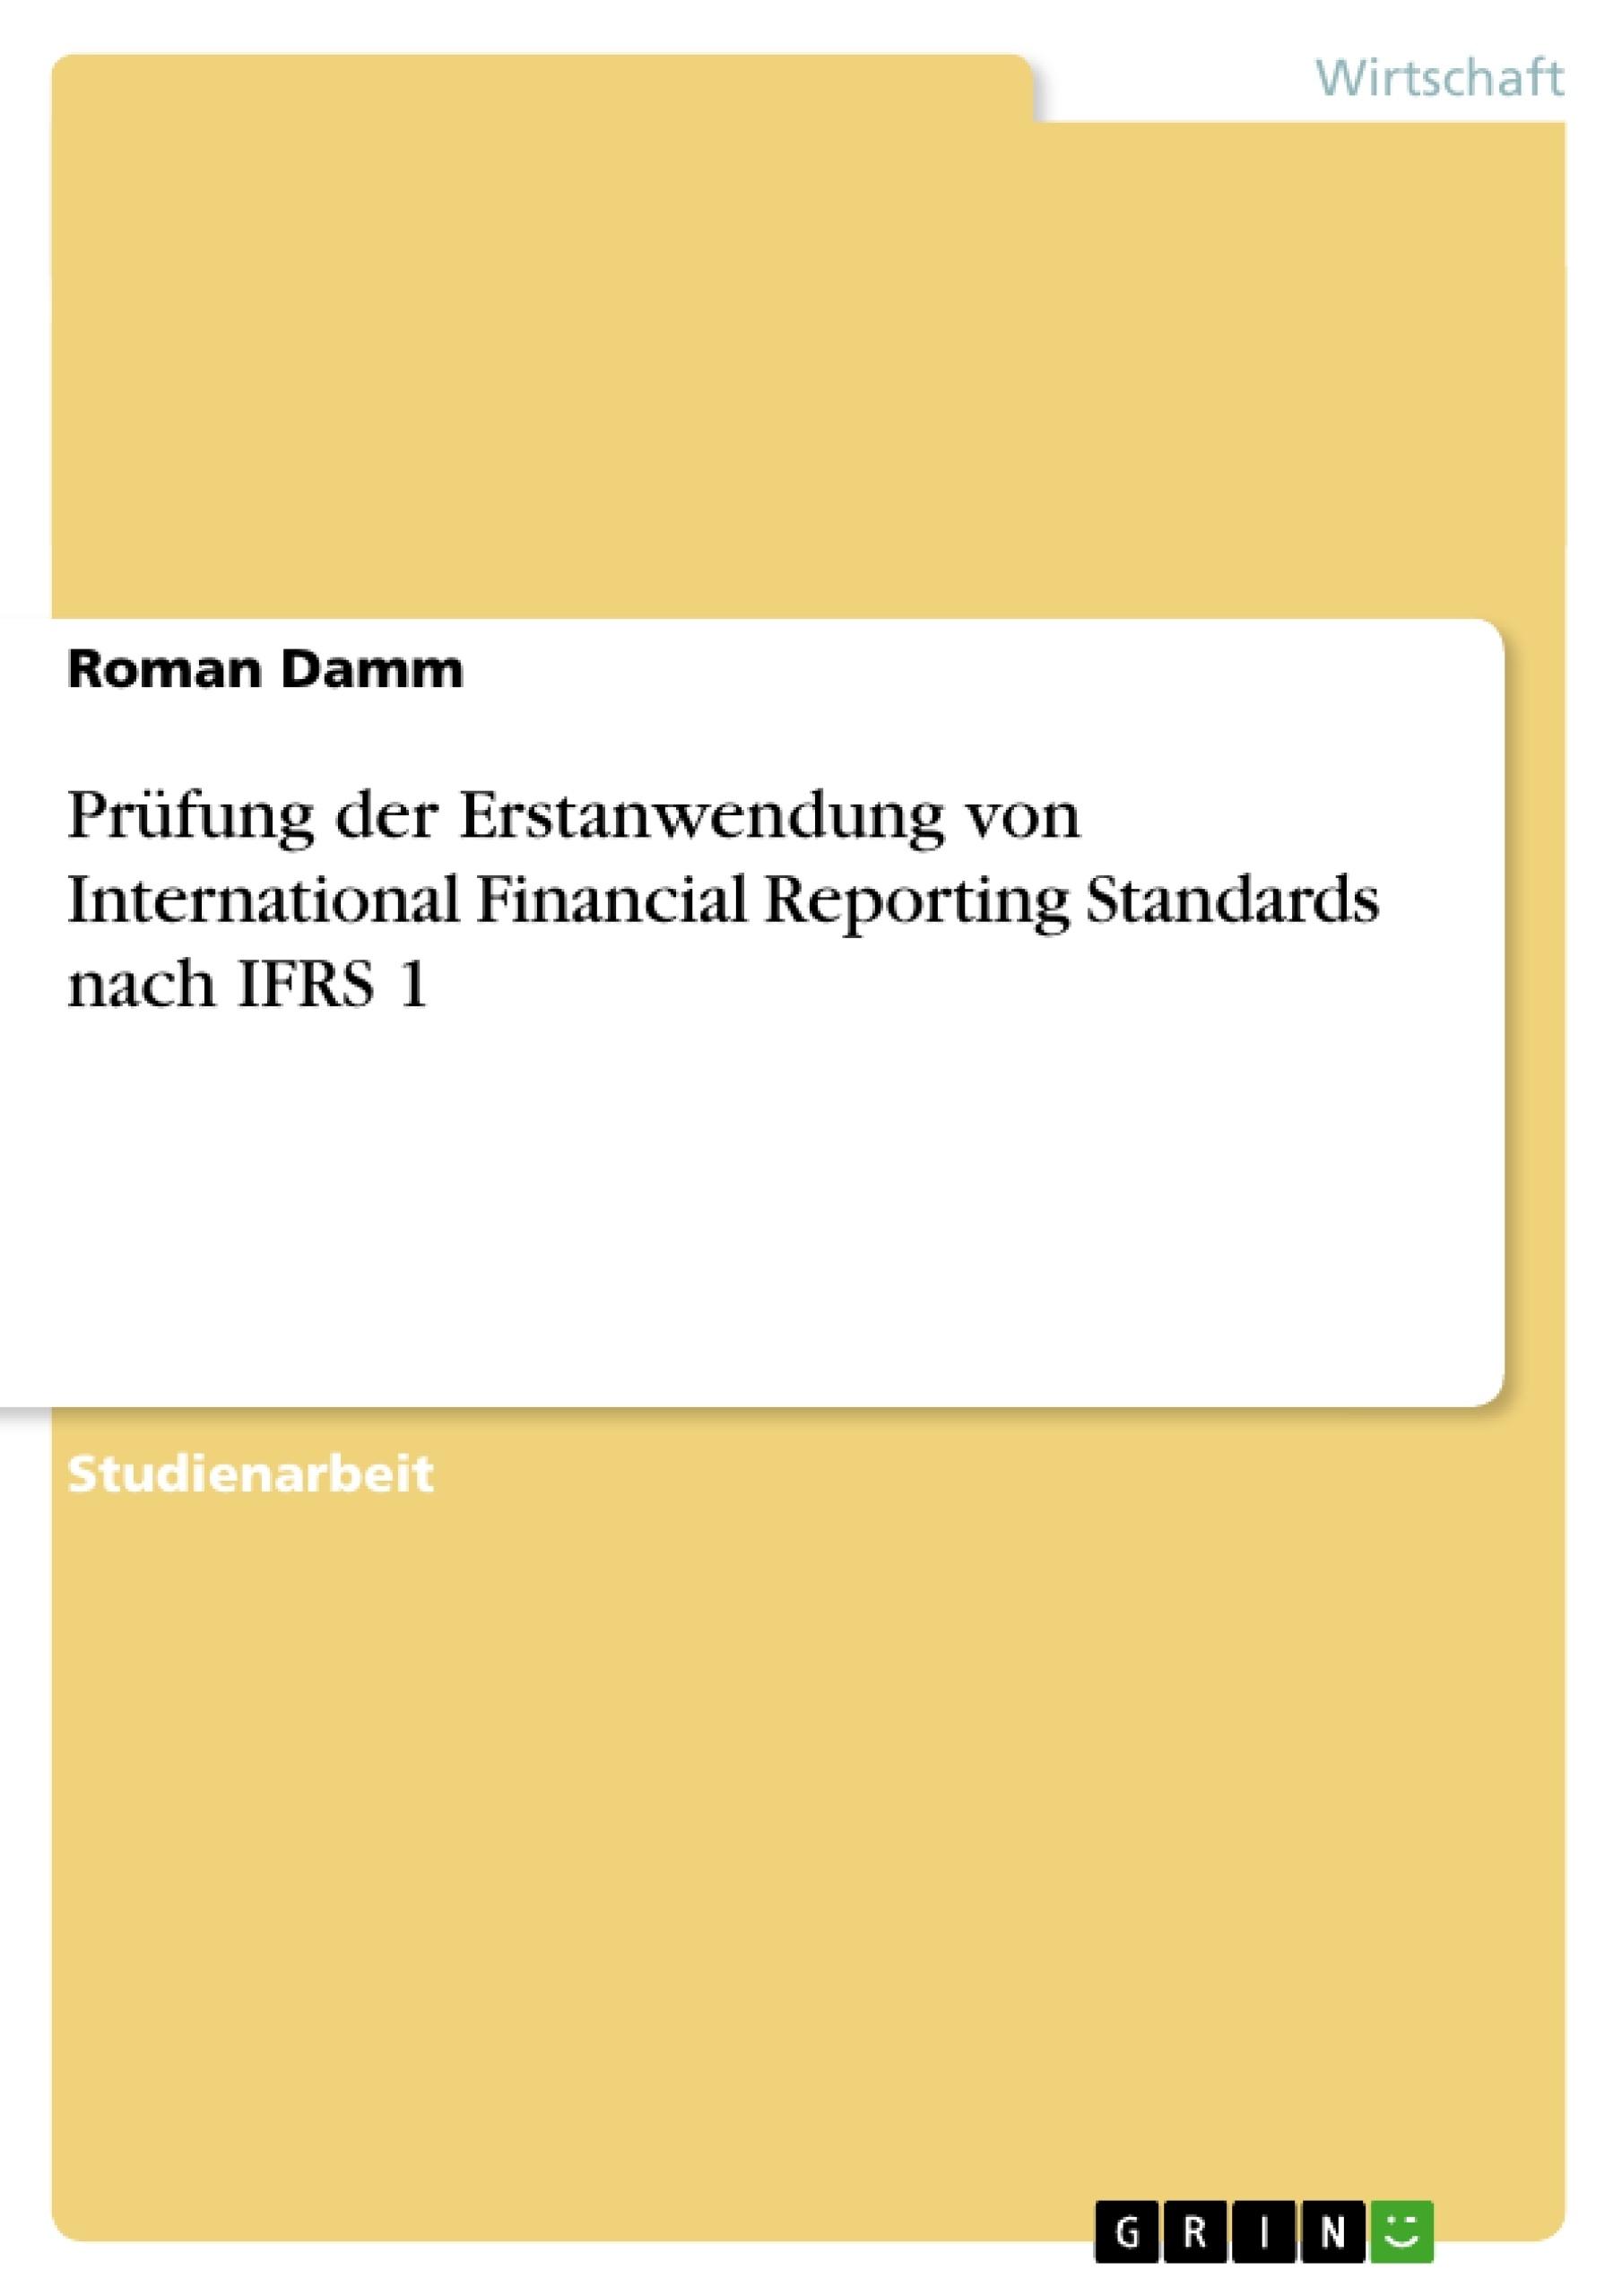 Titel: Prüfung der Erstanwendung von International Financial Reporting Standards nach IFRS 1